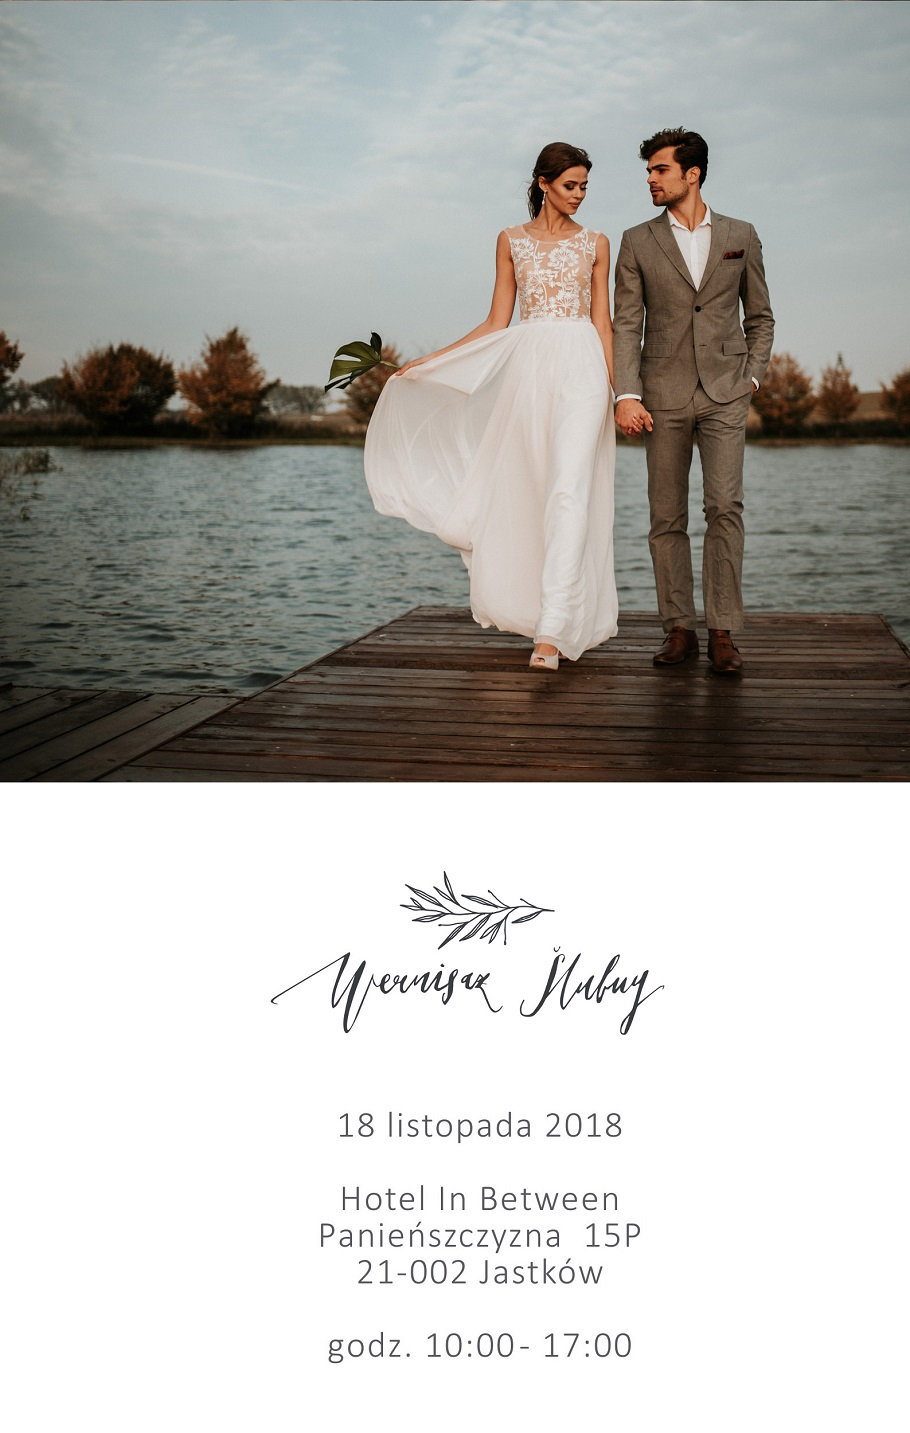 Wernisaż ślubny Alternatywne Targi ślubne W Lublinie 18